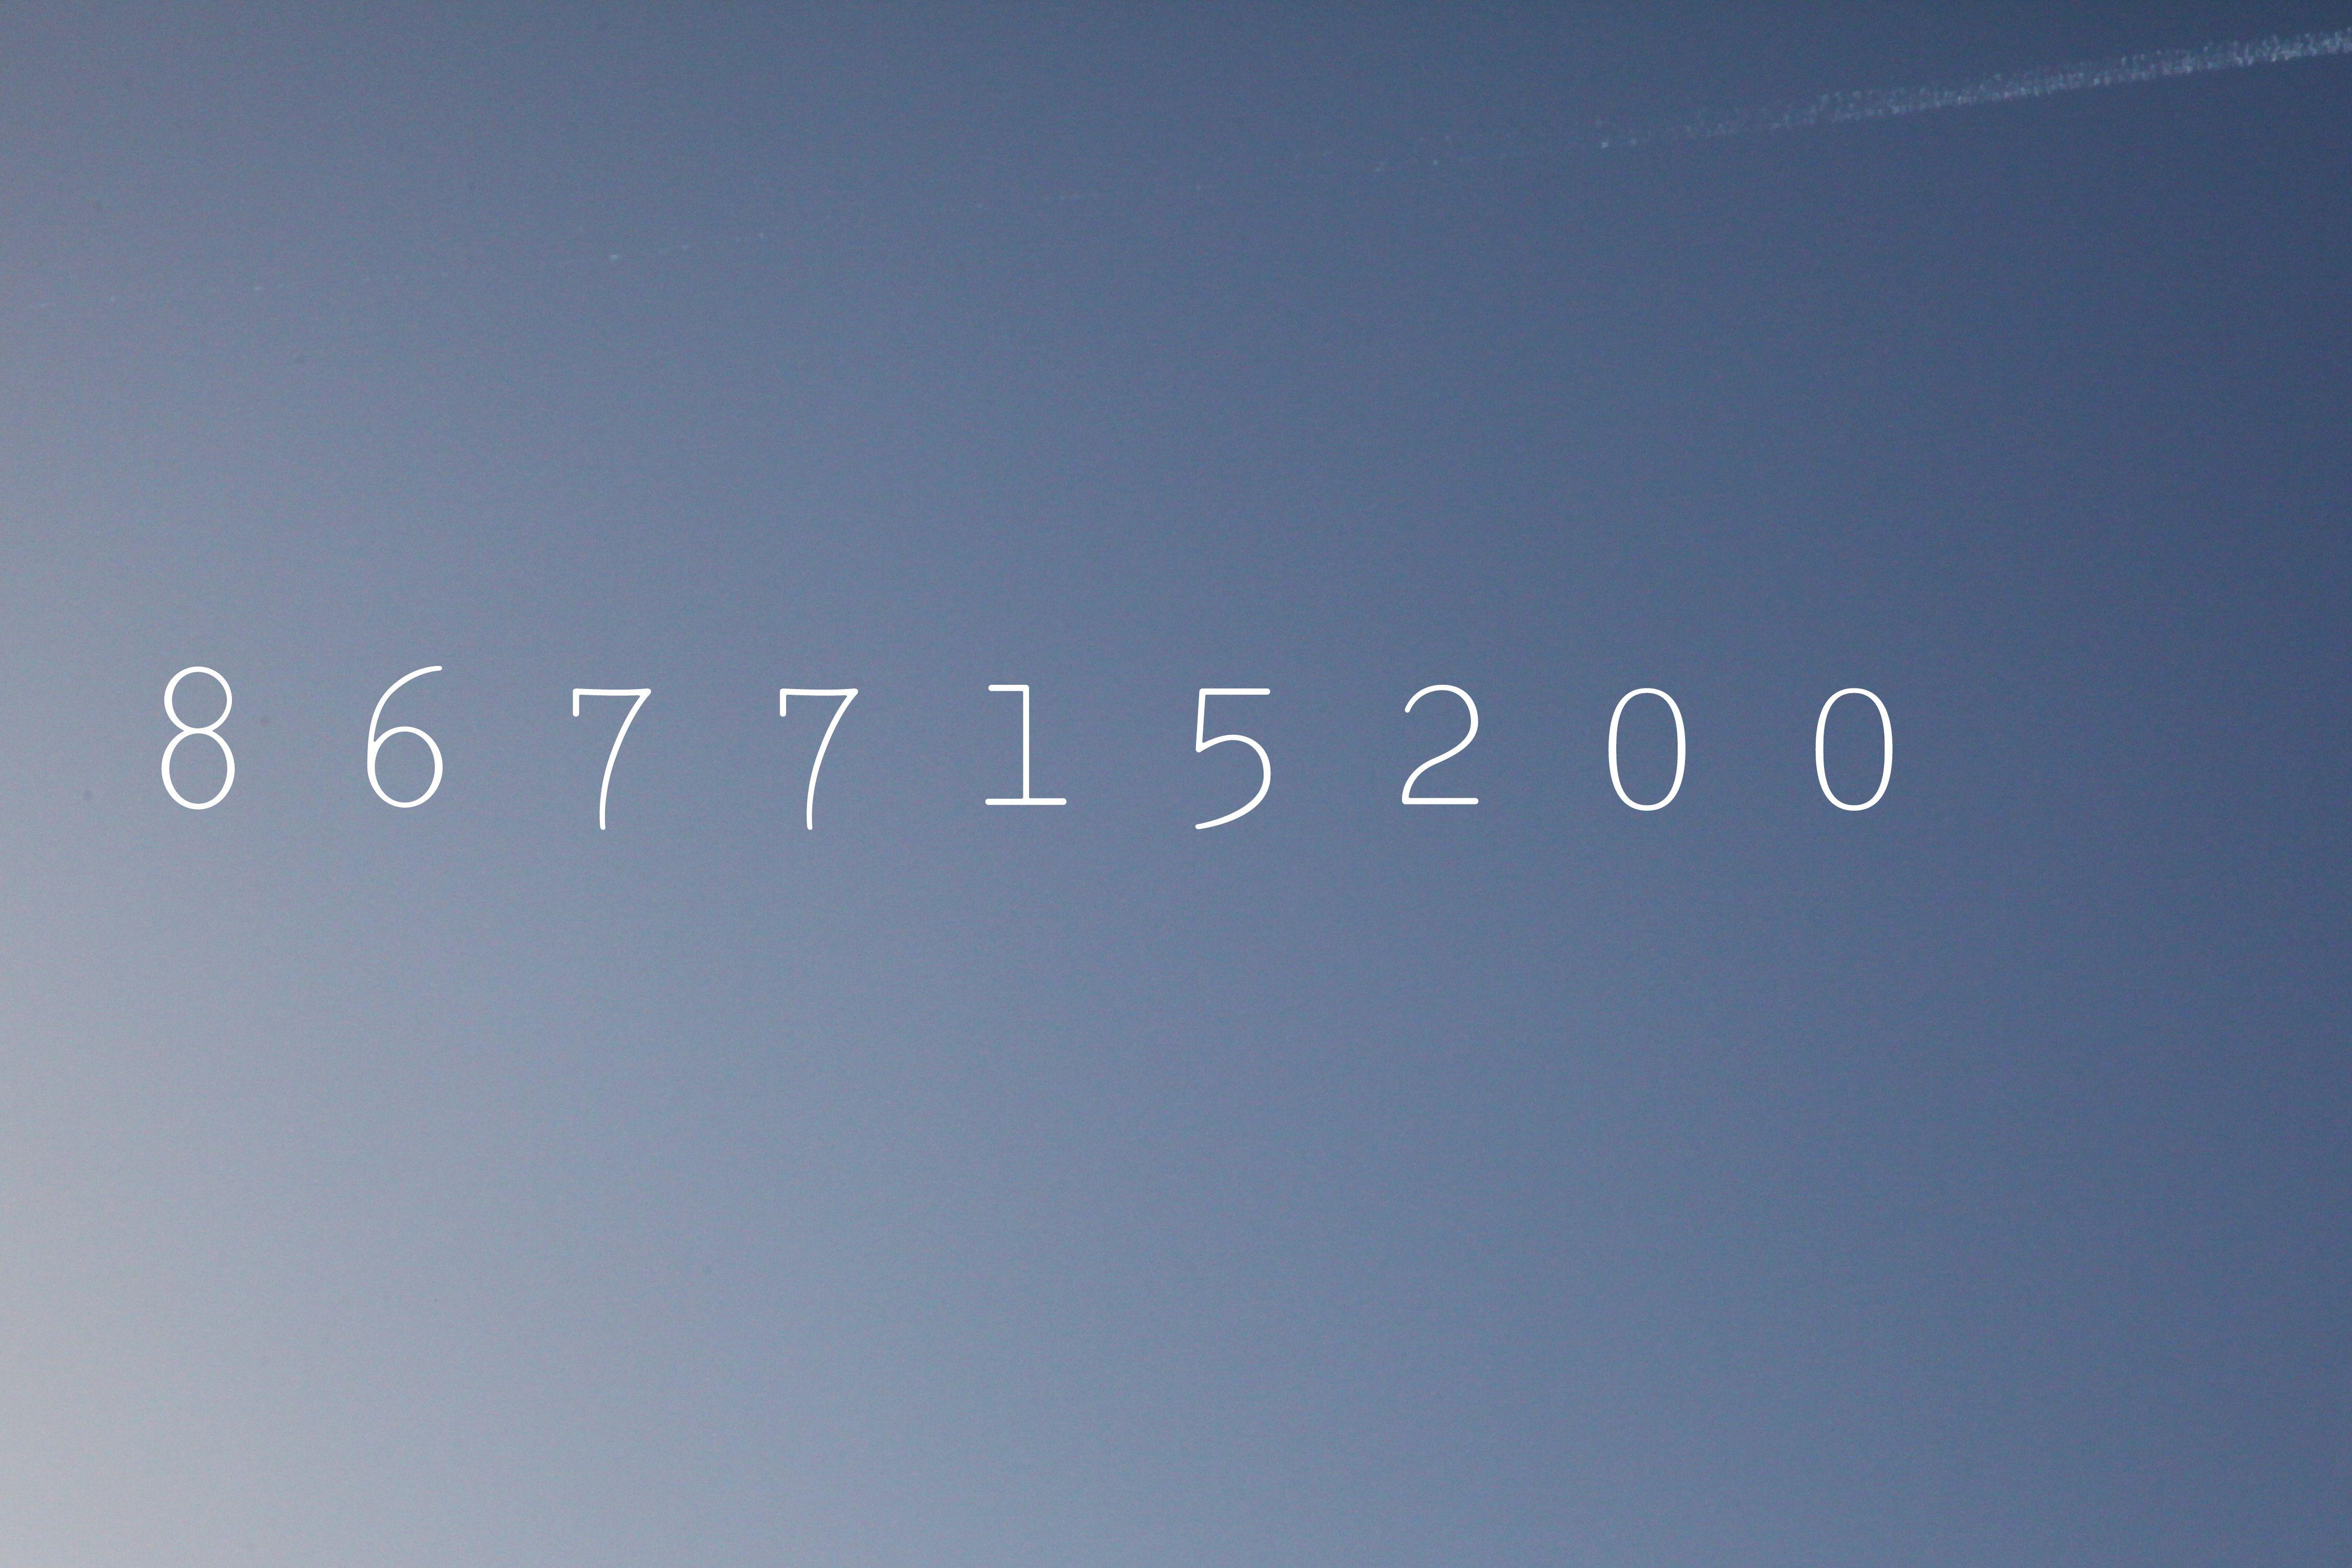 Leap Second, 30 June 1997 - 23:59:60